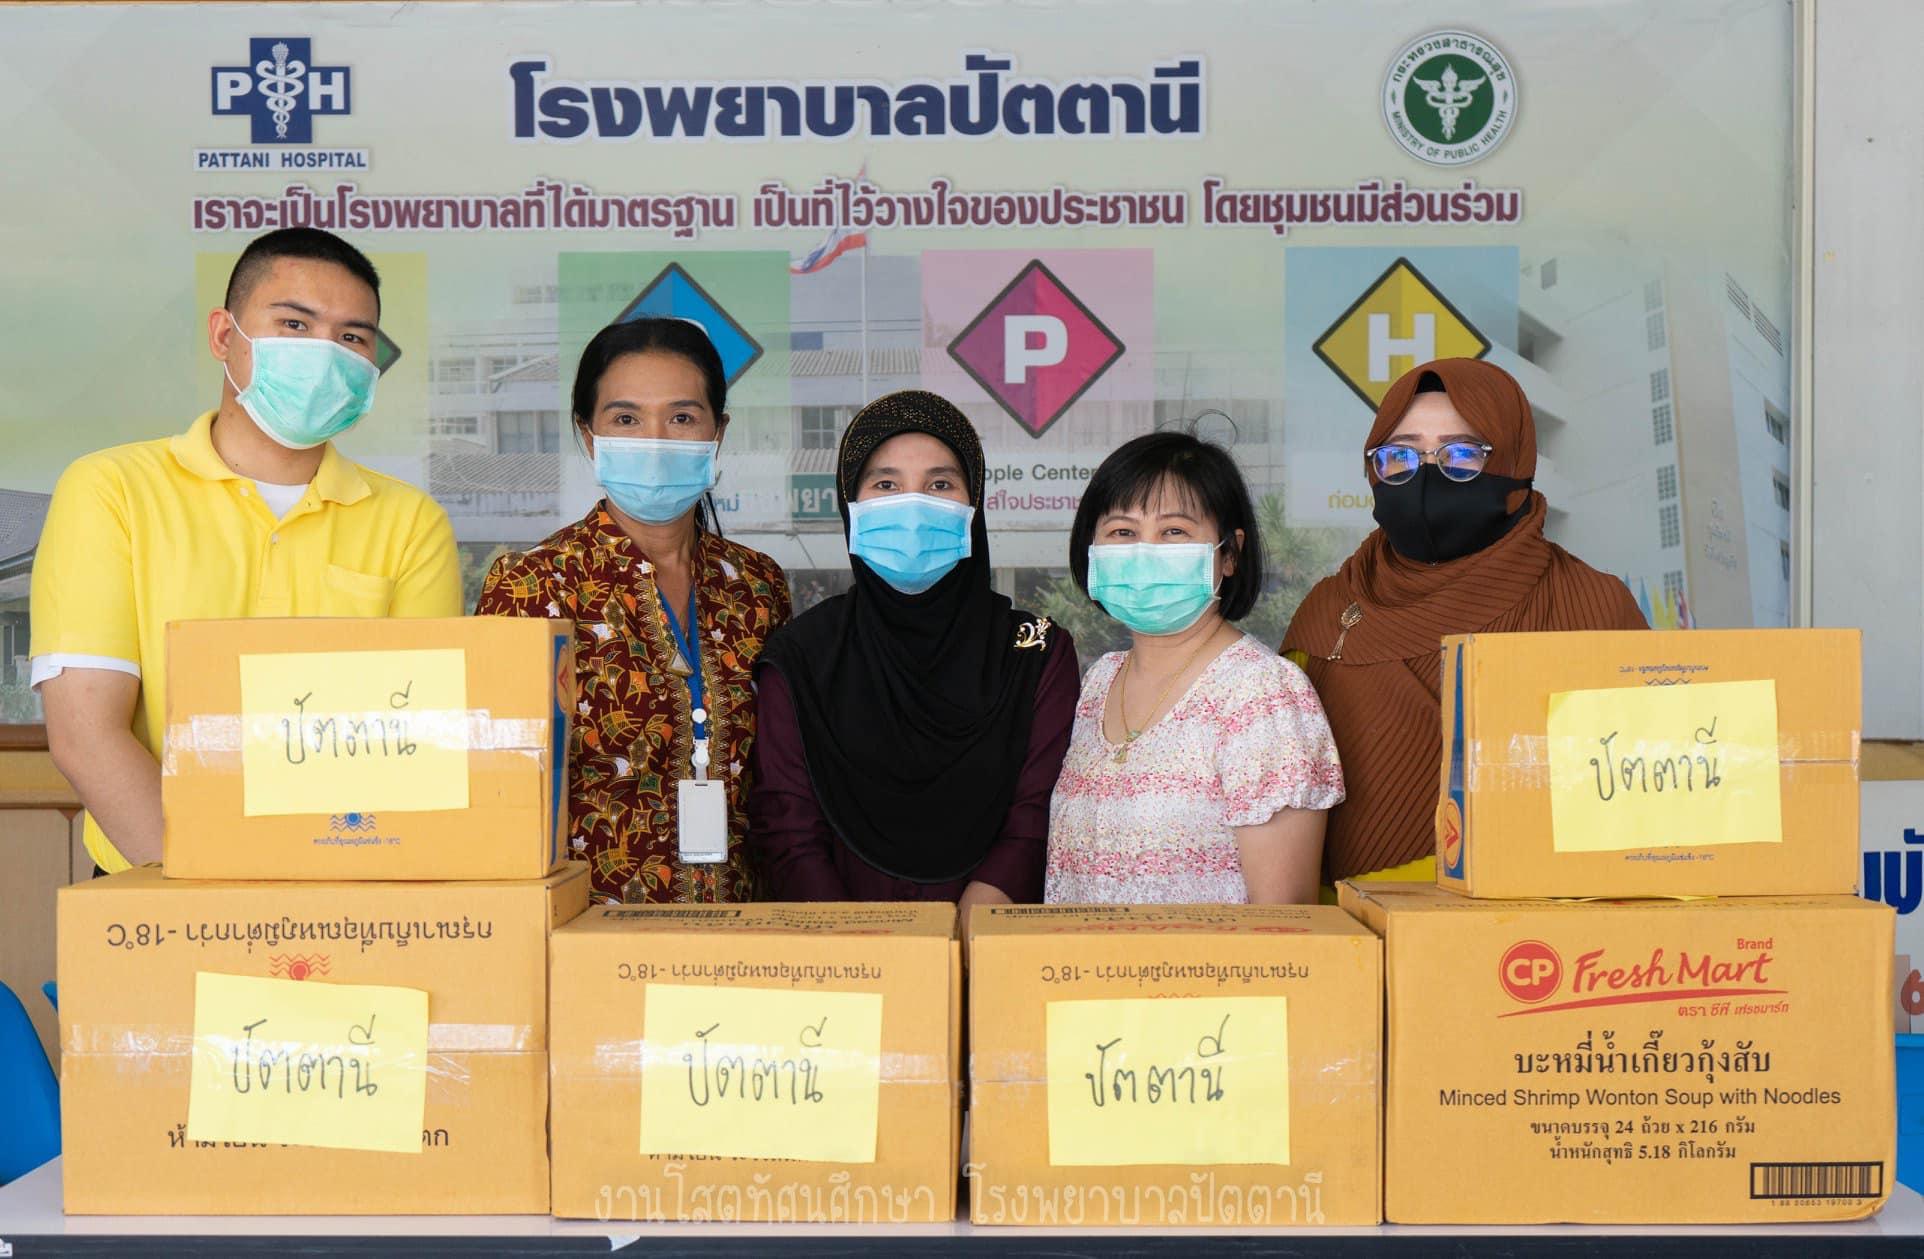 """ใกล้ไกล...ก็ไปถึง  """"CPF ส่งอาหารจากใจ ร่วมต้านภัยโควิด-19"""" ใน รพ.รัฐ กว่า 70 แห่งทั่วไทย"""